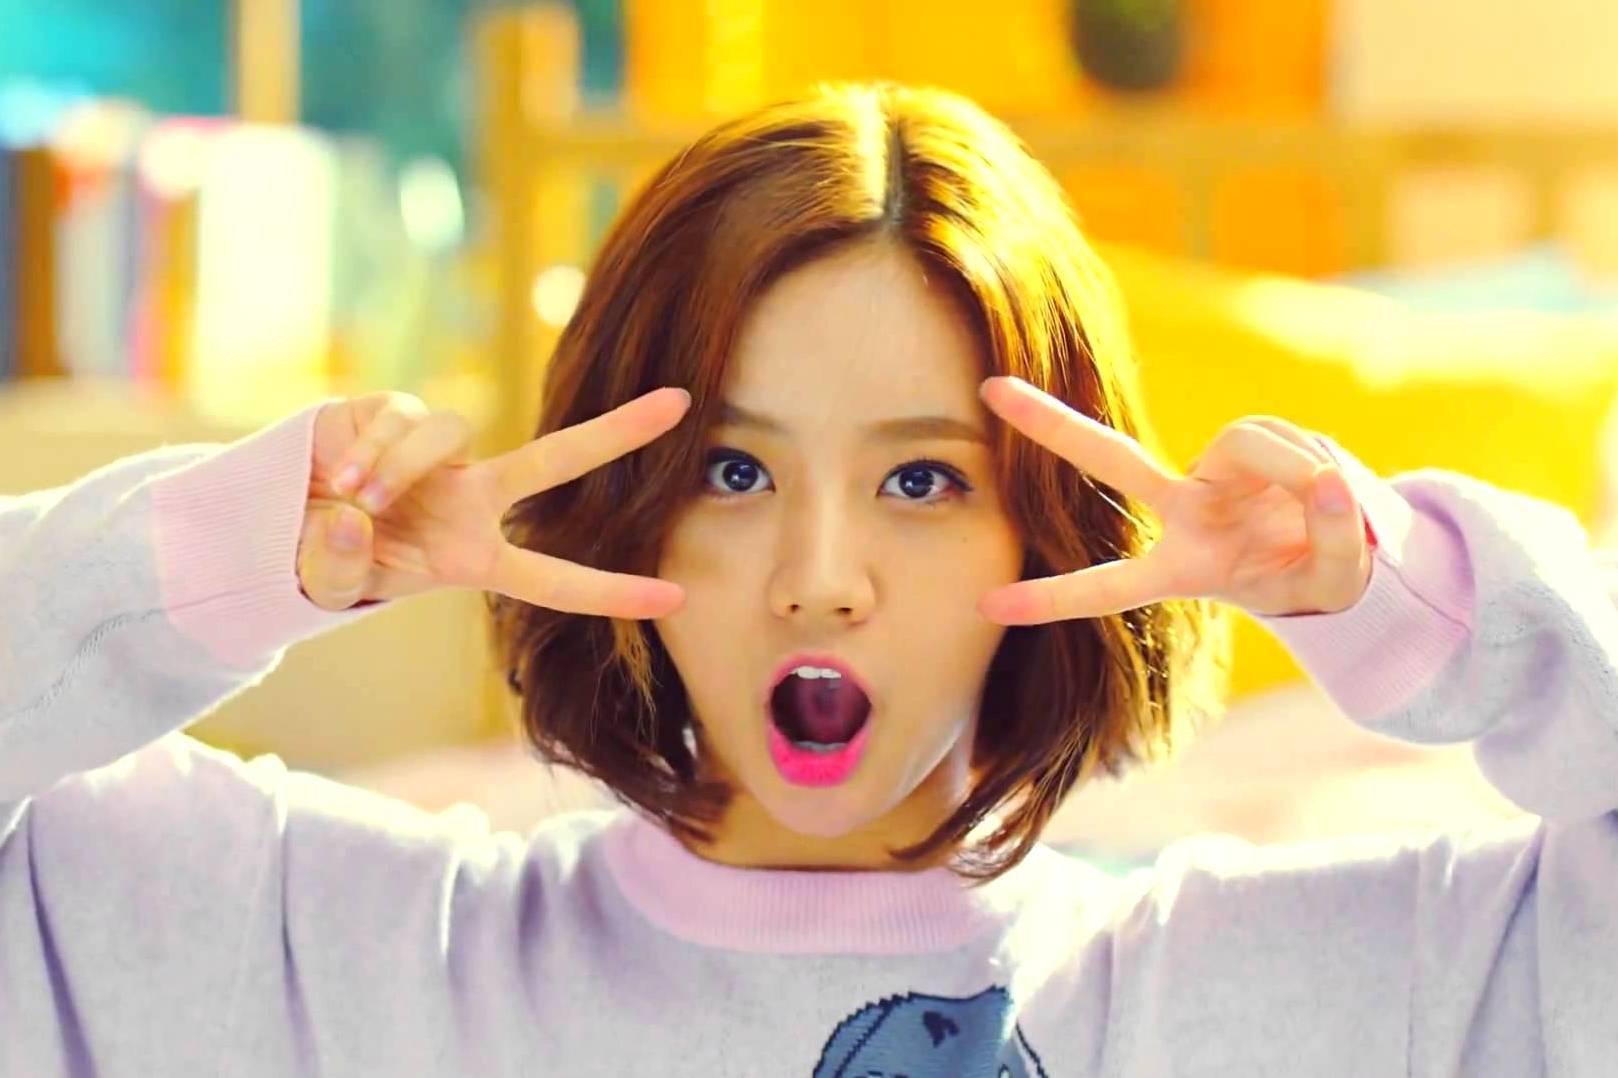 via kpop.asiachan.com